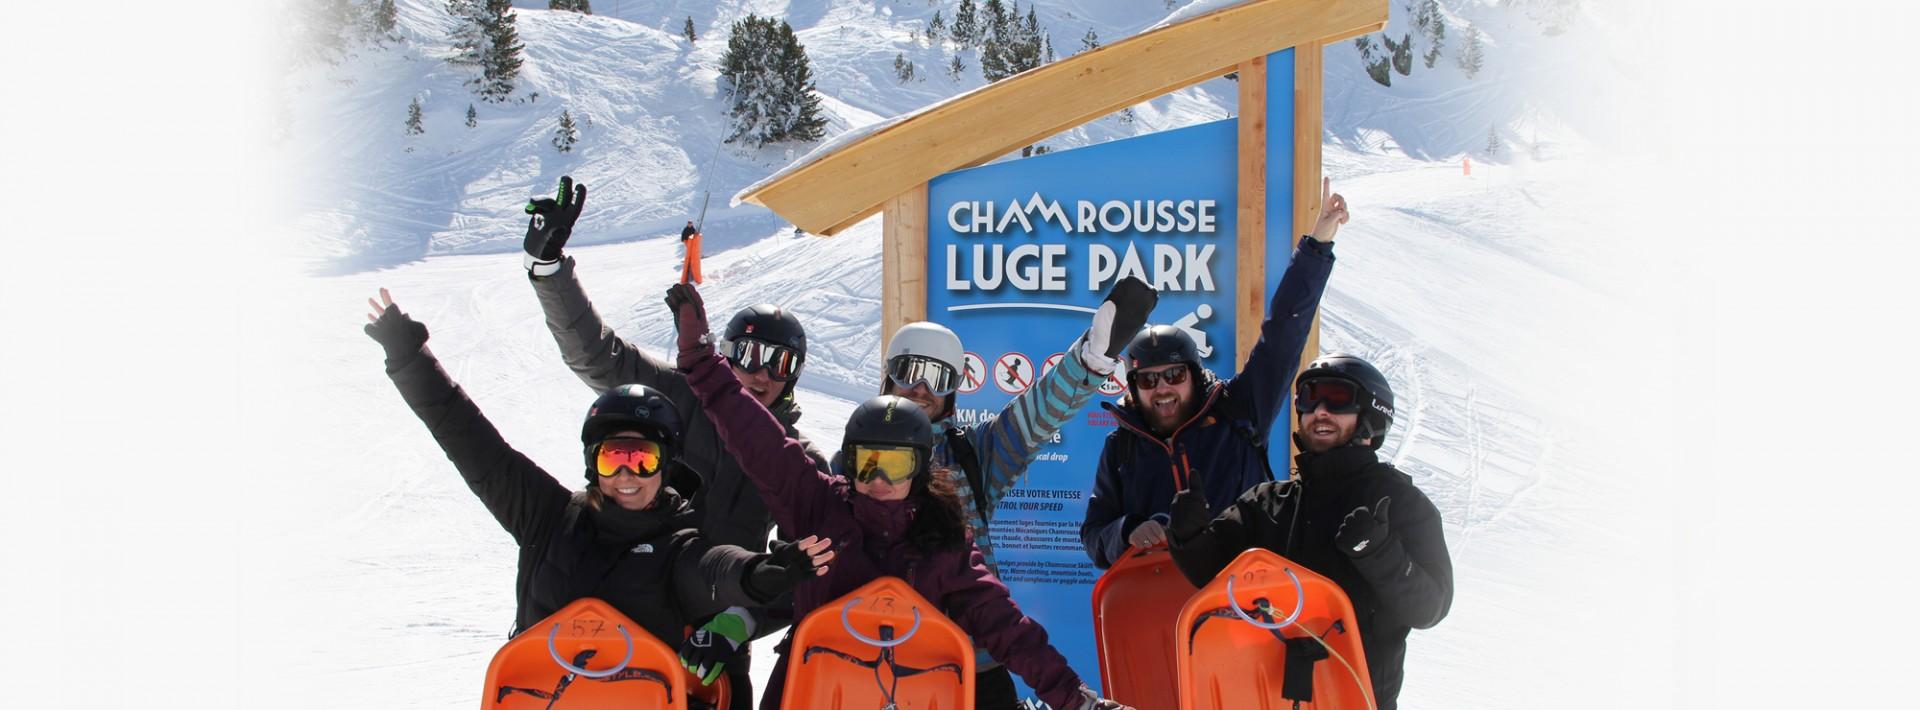 Luge Park Chamrousse